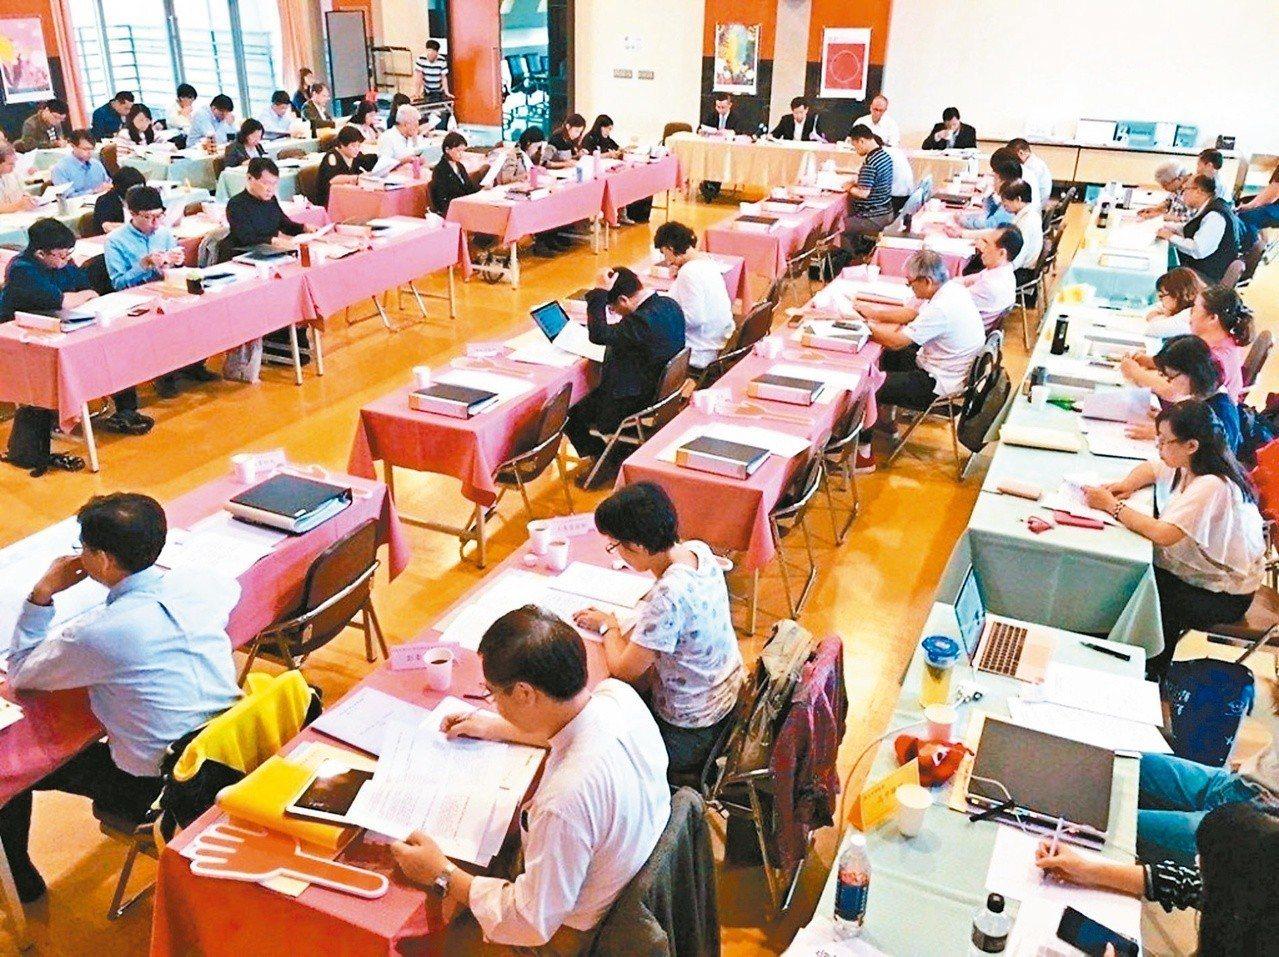 台灣過去教改過度注重升學改革、課綱調整、以及分數導向的學習方式等,累積成教育系統...